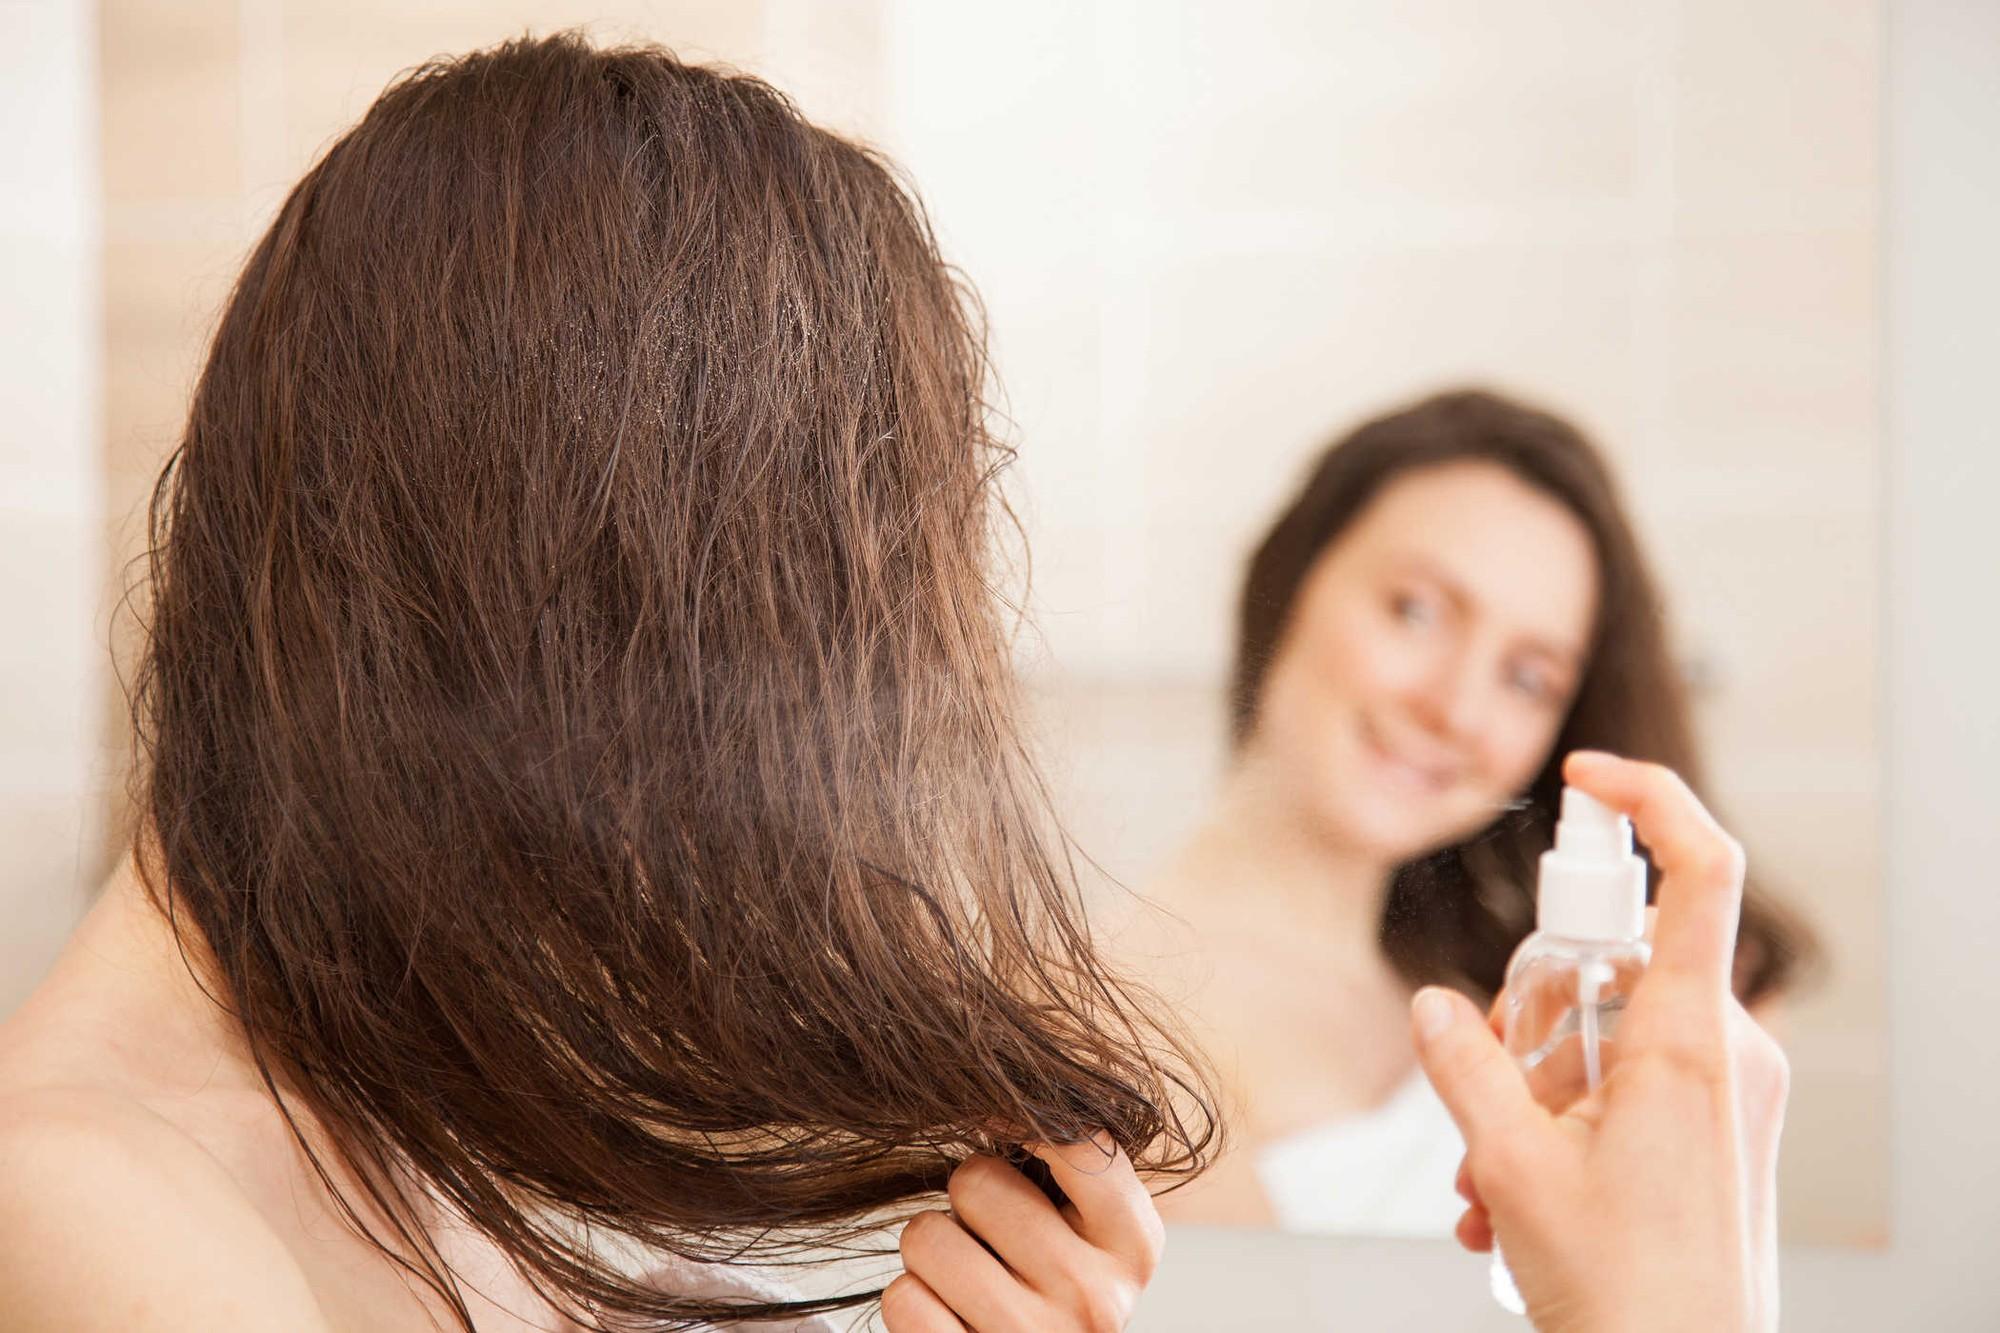 Đừng làm những việc này nếu không muốn mụn mọc tràn lan trên da đầu - Ảnh 2.